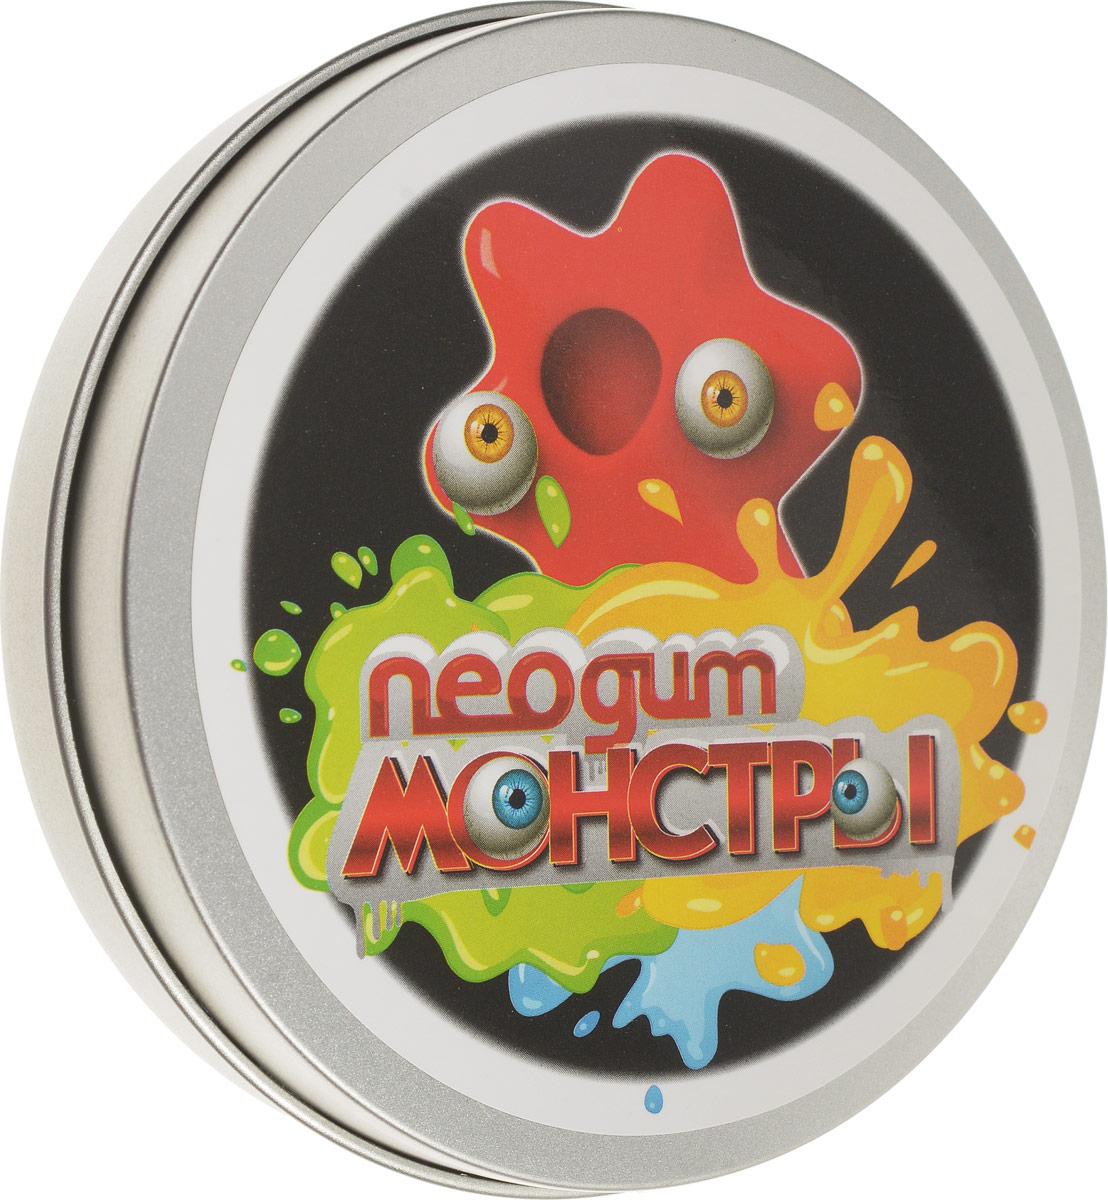 Neogum Пластилин Монстр цвет красныйNM0004Пластилин Neogum Монстр отличается невероятной пластичностью, может отпрыгивать от пола и растекаться по ровной поверхности. Пластилин не пачкается, не пристает к коже и предметам. В комплекте с пластилином идут пластиковые глазки, которые превратят продукт вашей фантазии в милого и совсем нестрашного монстрика! Игра с пластилином Neogum помогает снять раздражение и агрессию, развить мелкую моторику и творческое мышление, а также укрепить мышцы кистей. Кроме того, он может стать незаменимым спутником в утомительных переездах и перелетах, эффективно избавляя от чрезмерного беспокойства и нервозности.